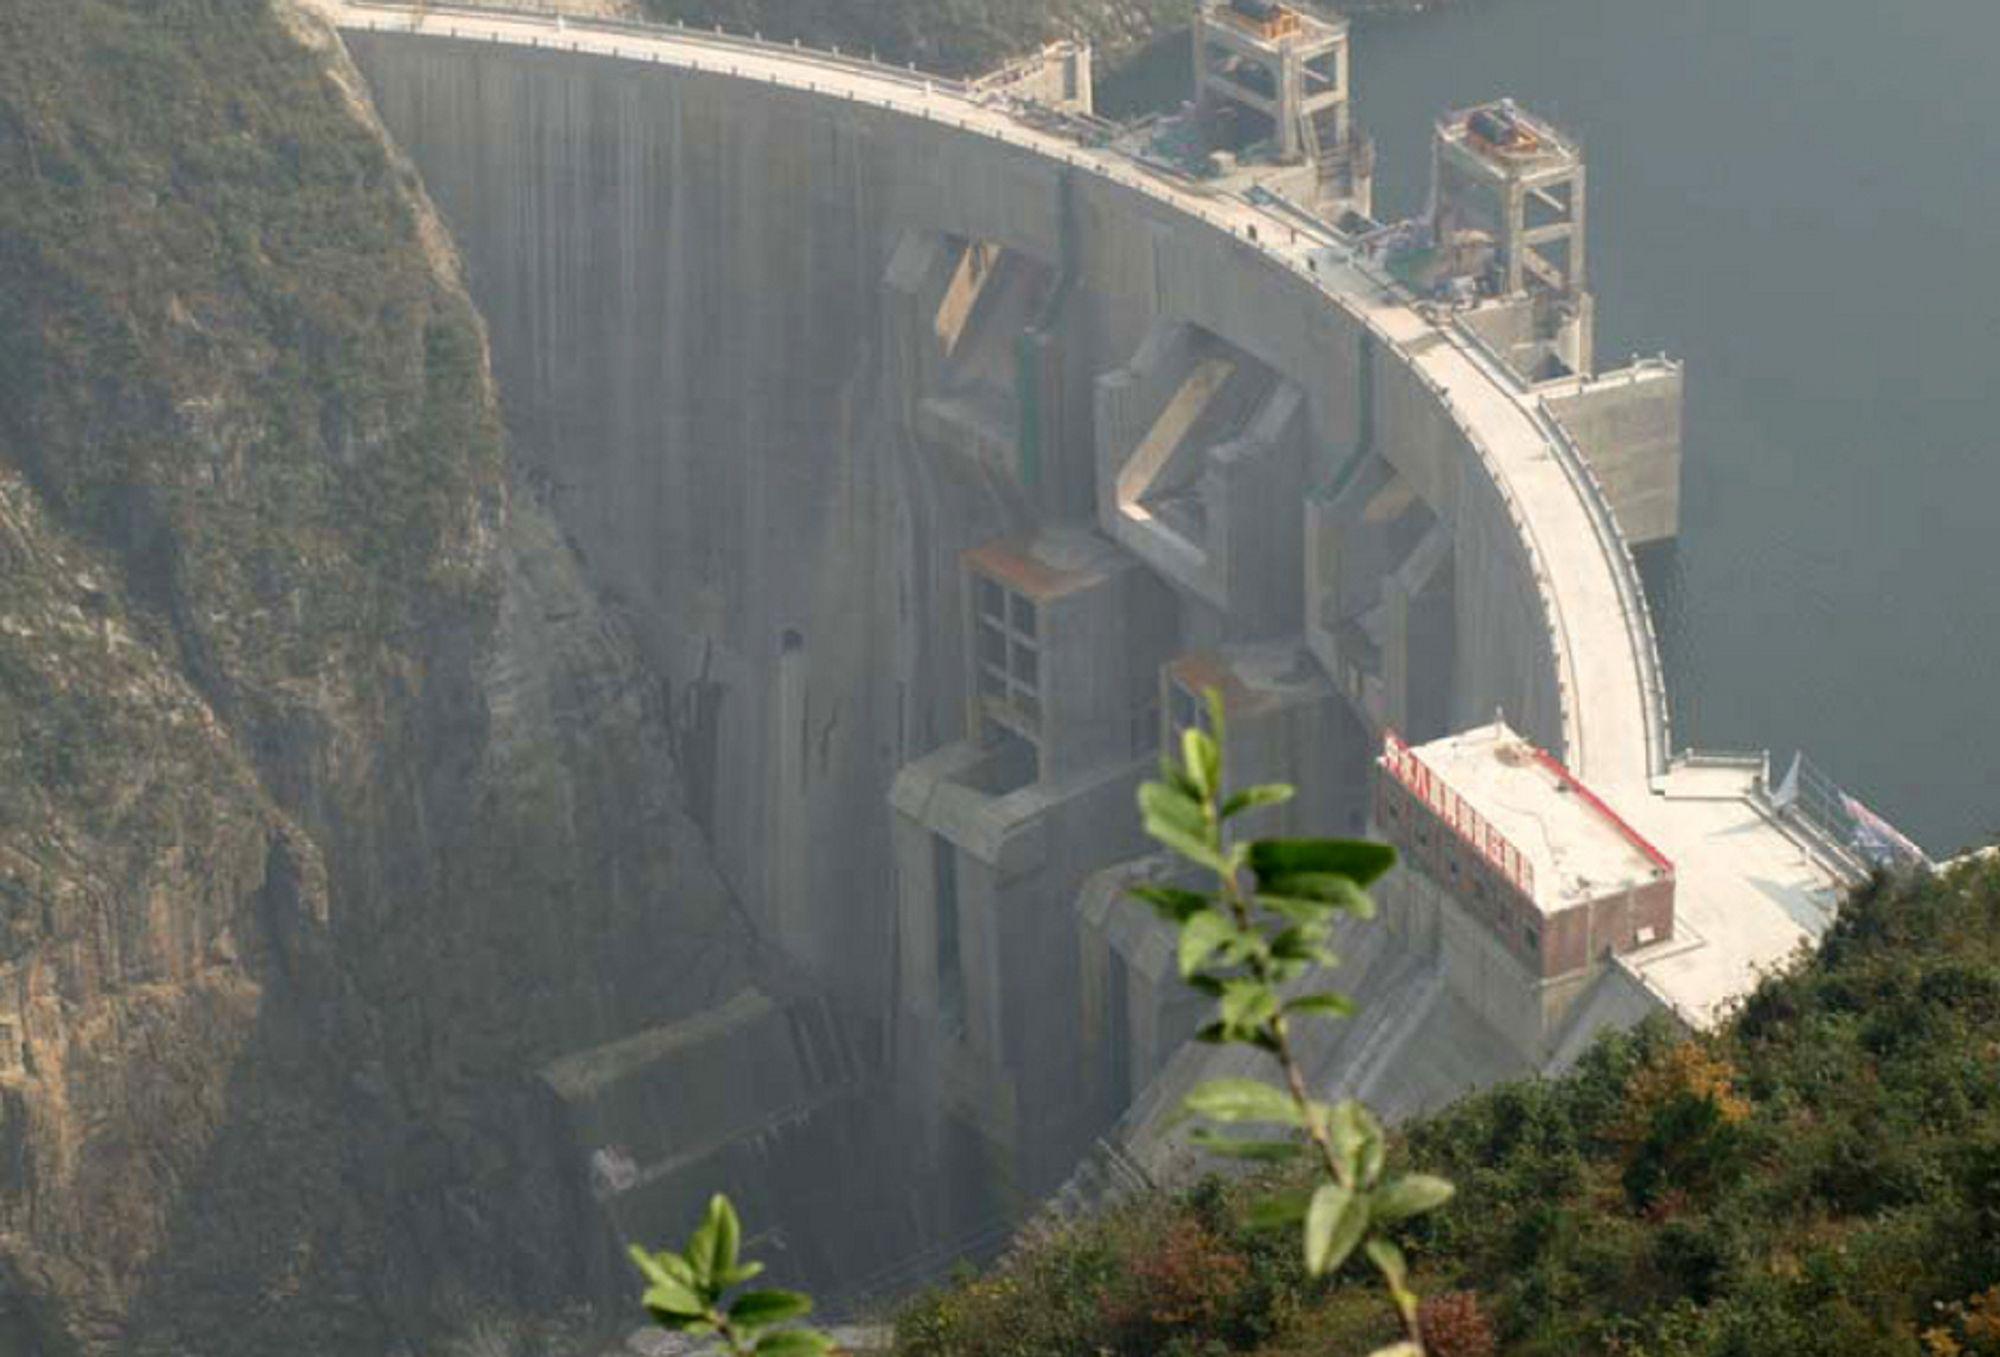 FORTSATT IKKE GODKJENT: Vannkraftverket Dahuashui i Quingshui-elven, i Guizhou-provinsen sør i Kina, skal gi Norge klimakvoter for å slippe ut 195.000 tonn CO2 hvert år fra 2008 til 2012. Men først må vannkraftverket godkjennes som klimaprosjekt i FN.